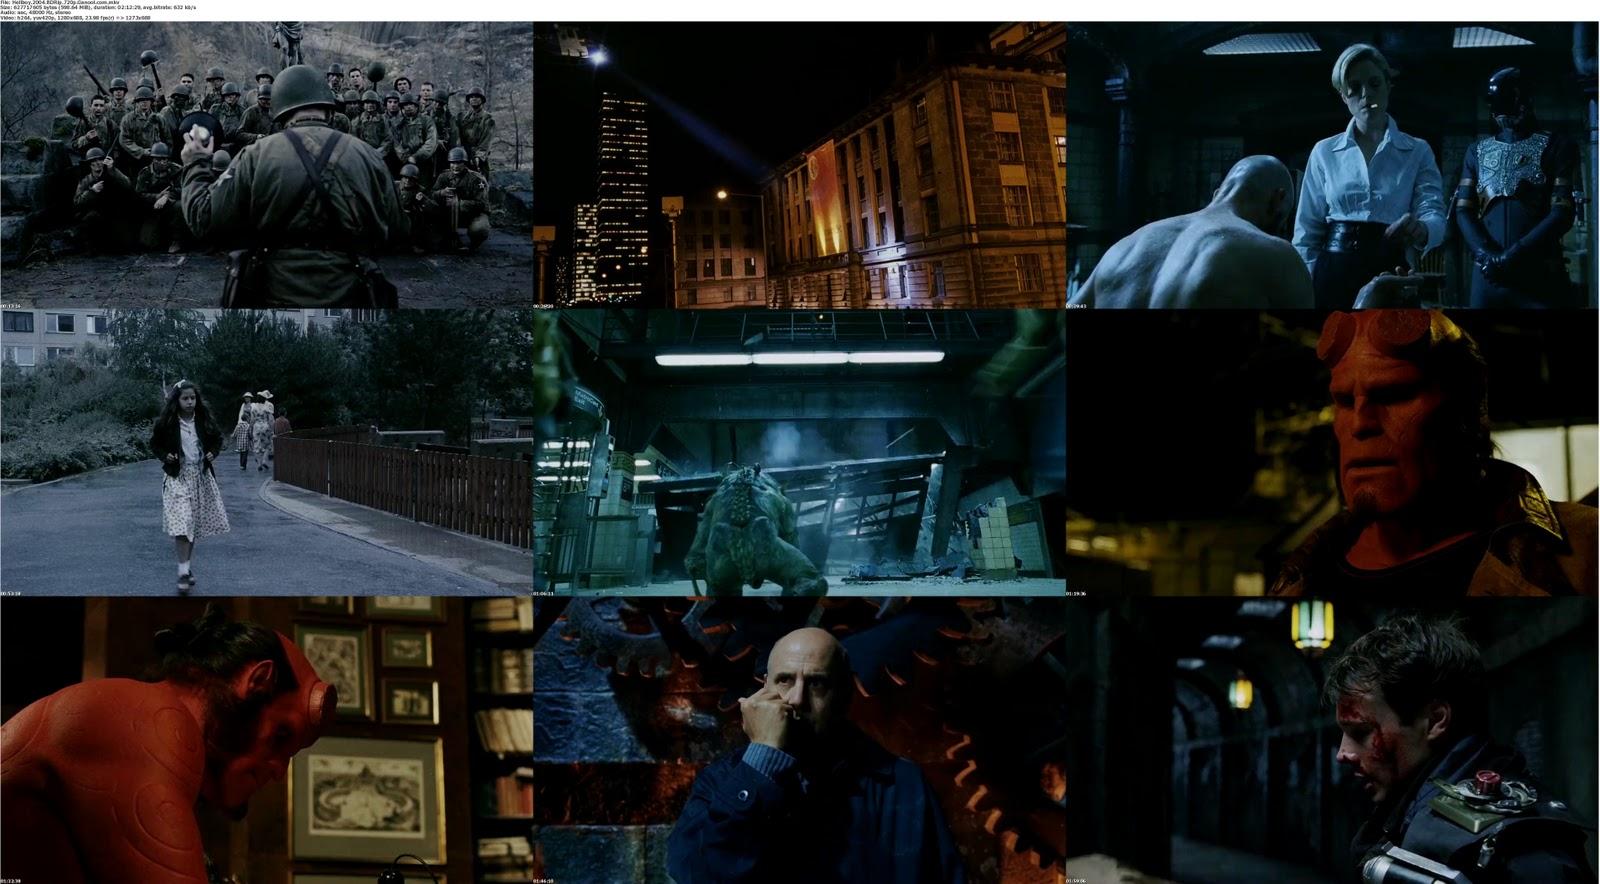 http://3.bp.blogspot.com/-Atb4uBiNUo0/TWXUtNUqBcI/AAAAAAAAEJg/DMULOeZ407o/s1600/Hellboy+%25282004%2529+Screen.jpg